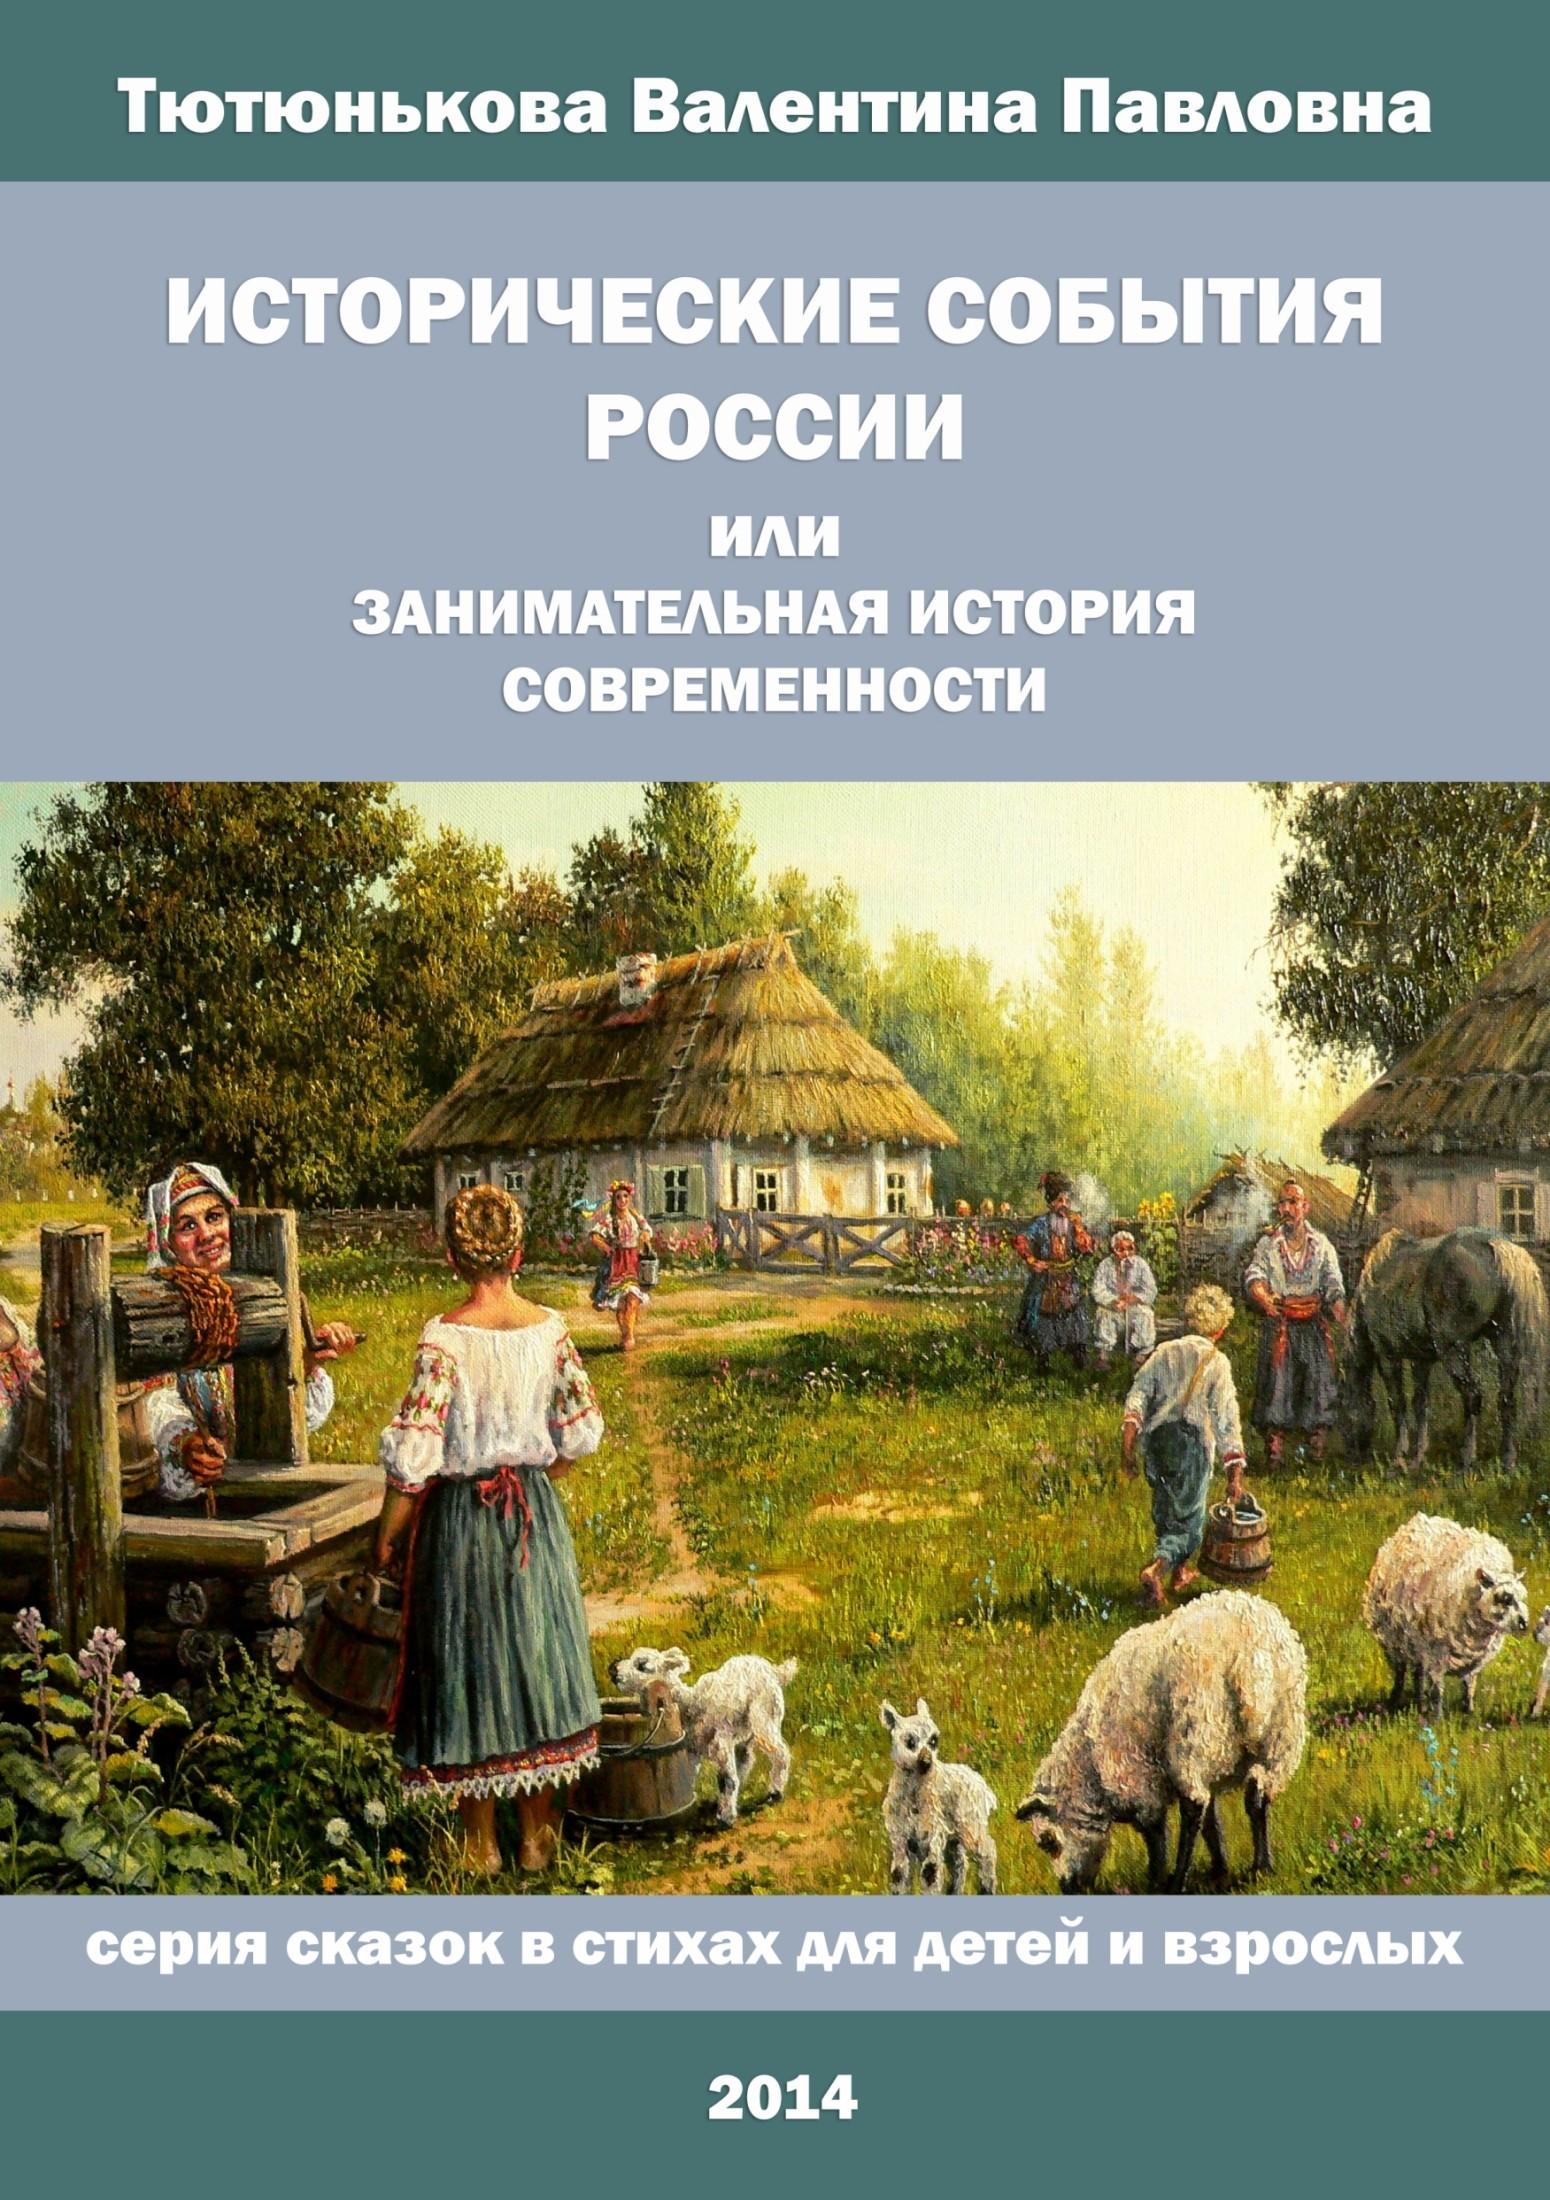 Валентина Павловна Тютюнькова бесплатно